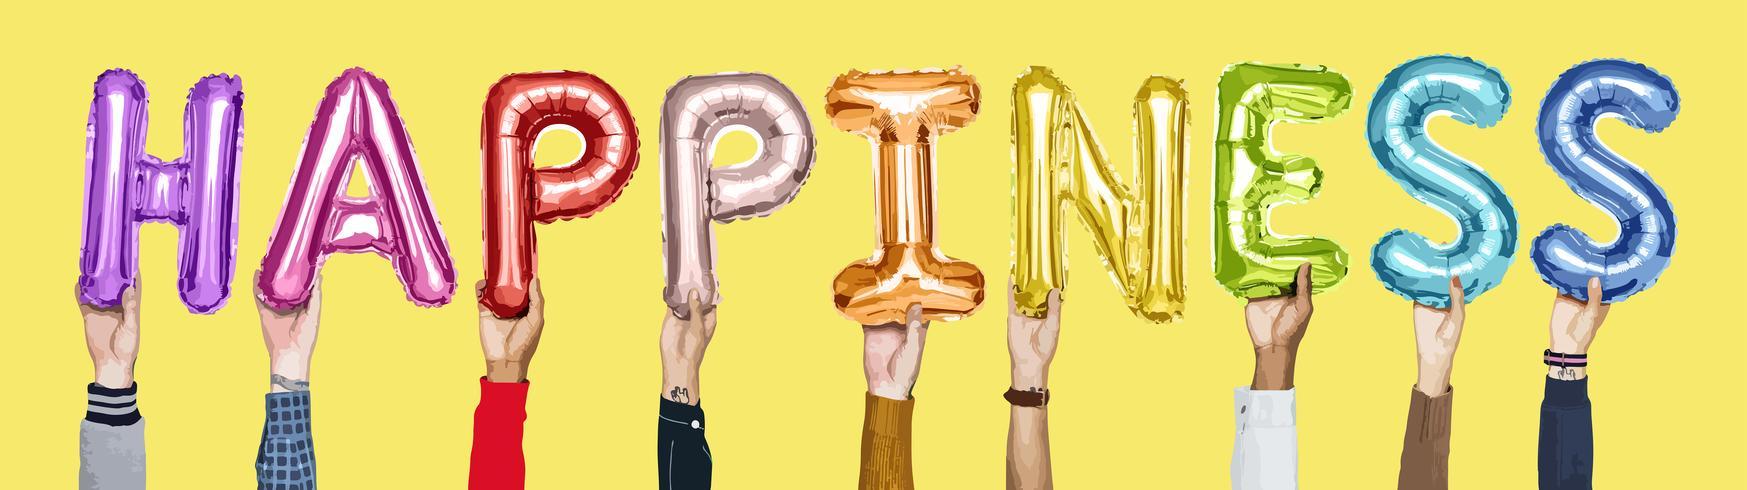 Händer som håller ordet glädje illustration